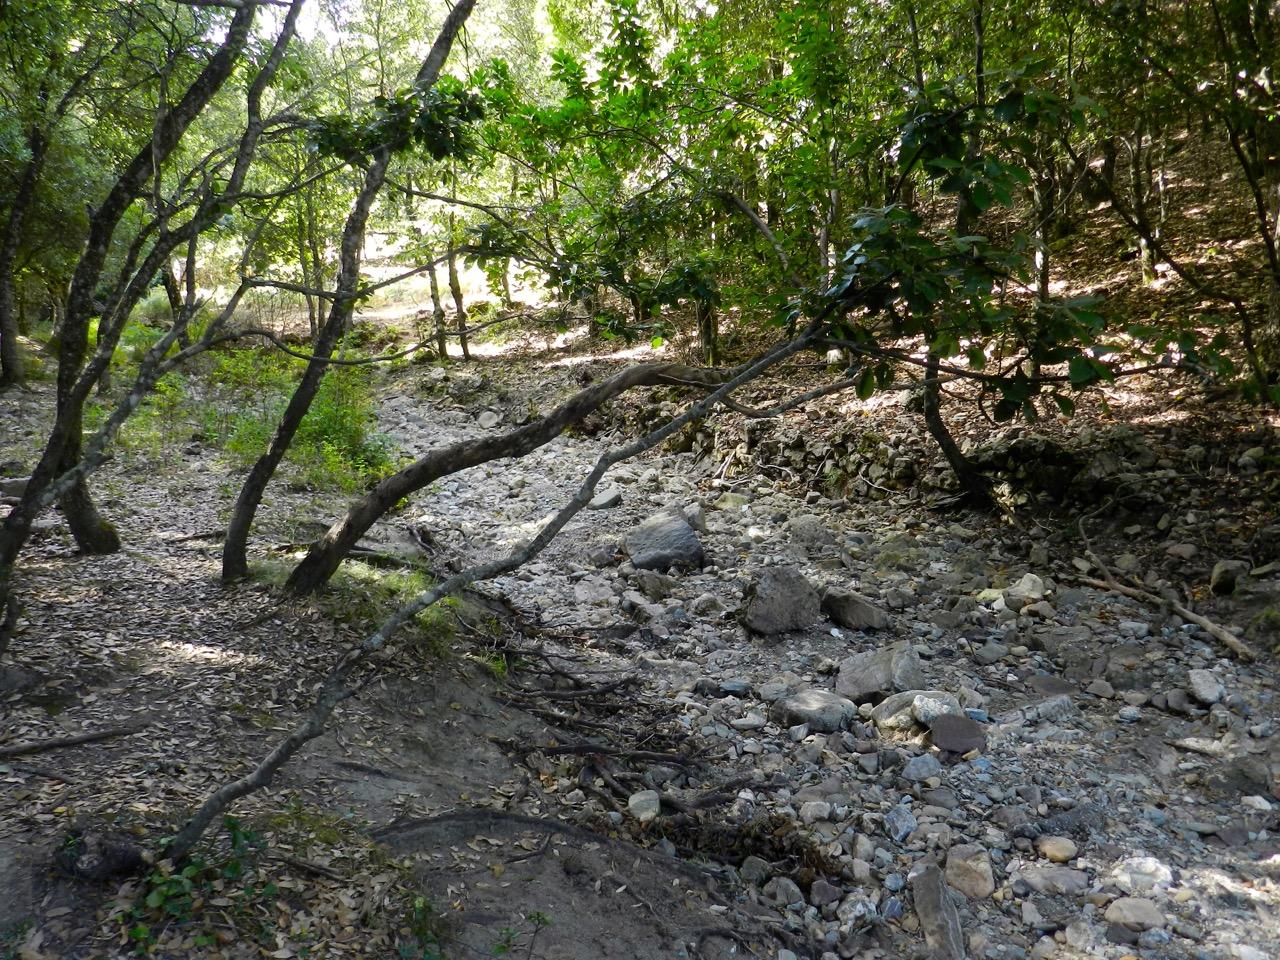 Nur im Sommer: trockenes Flussbett im Wald bei Sadali